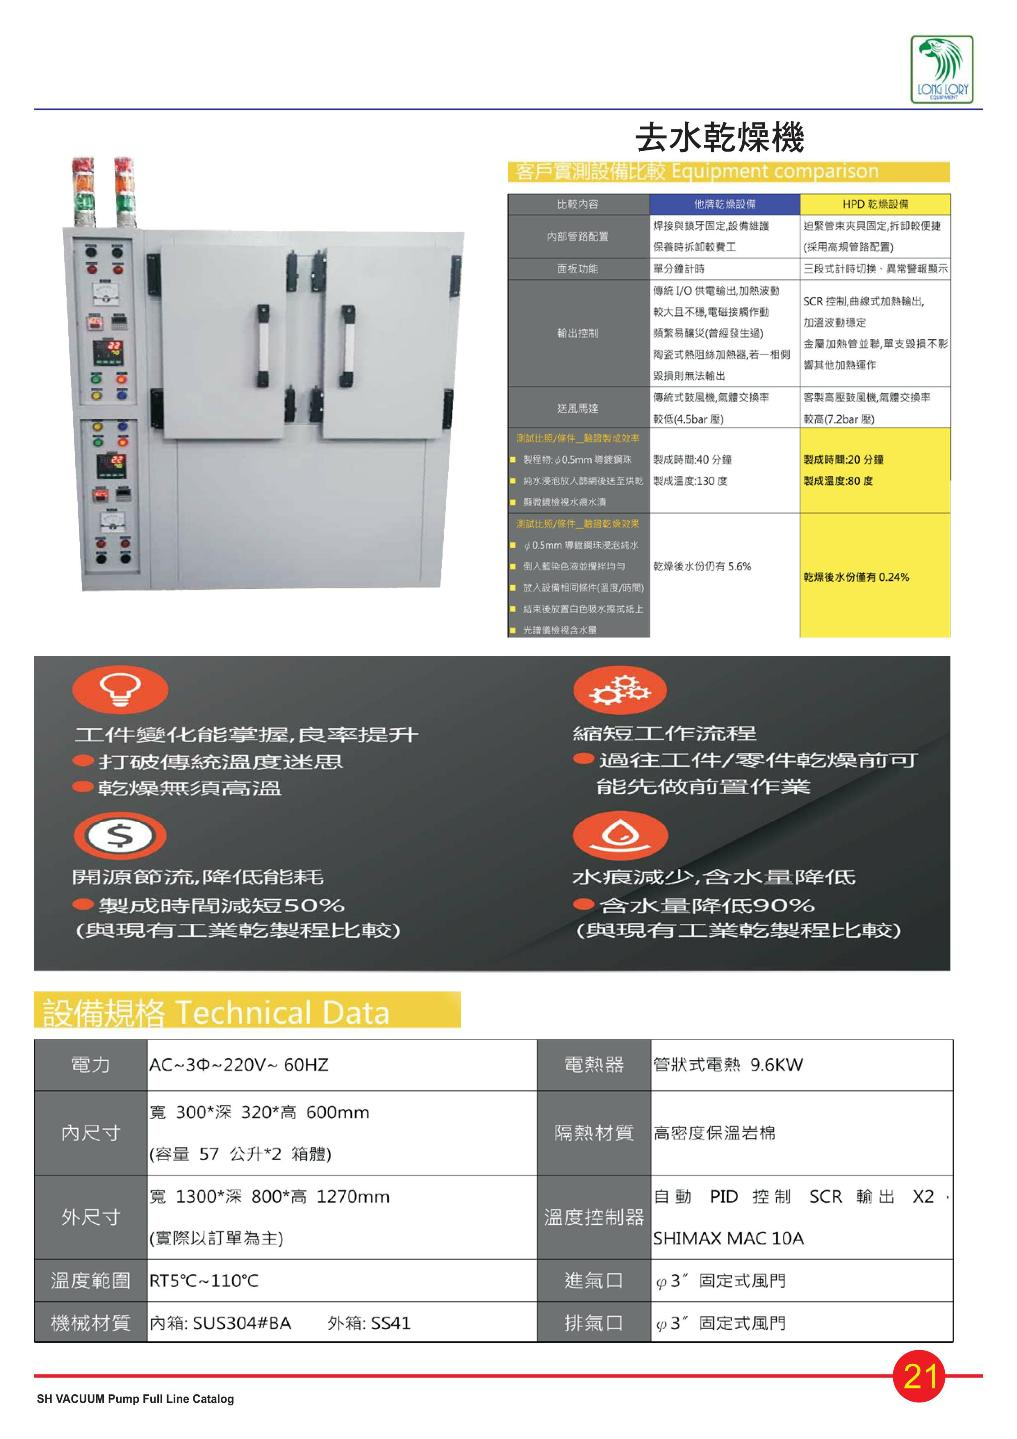 旭豪2019新綜合型錄_imgs-0023